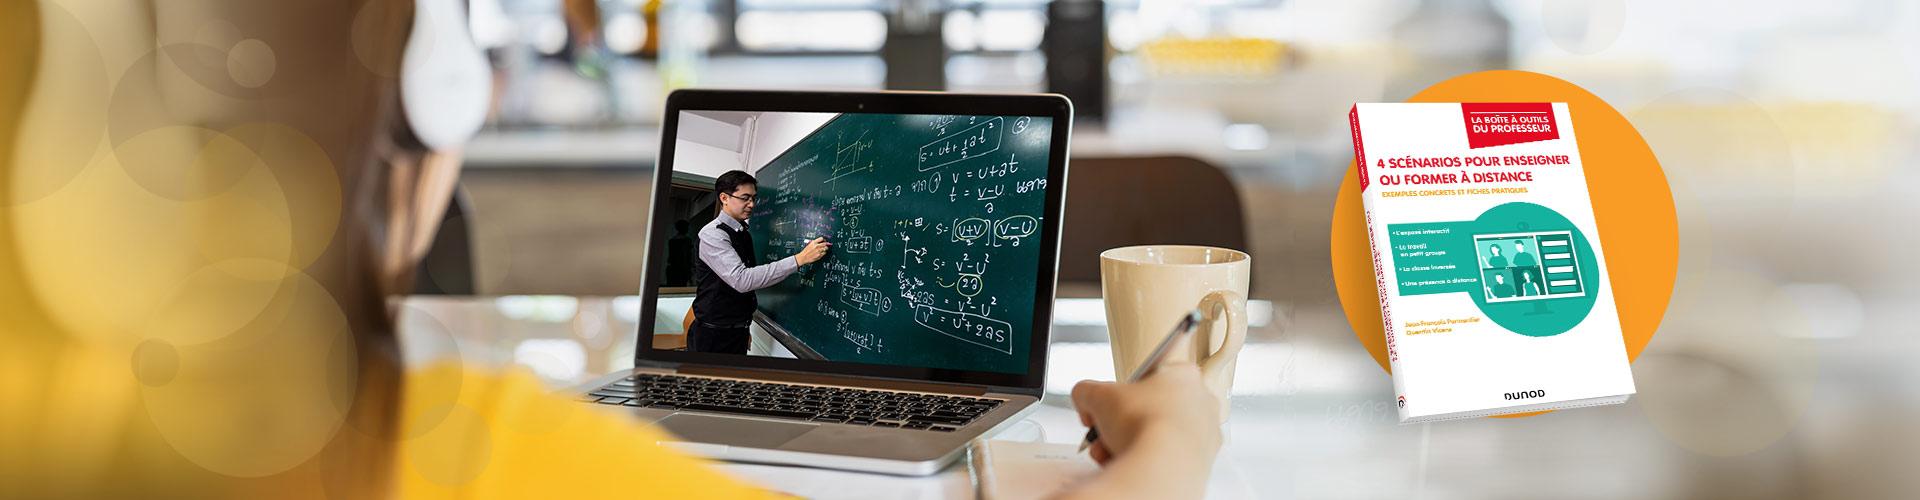 Professeurs : de nouveaux scénarios pour enseigner à ditance et préparer la rentré 2020